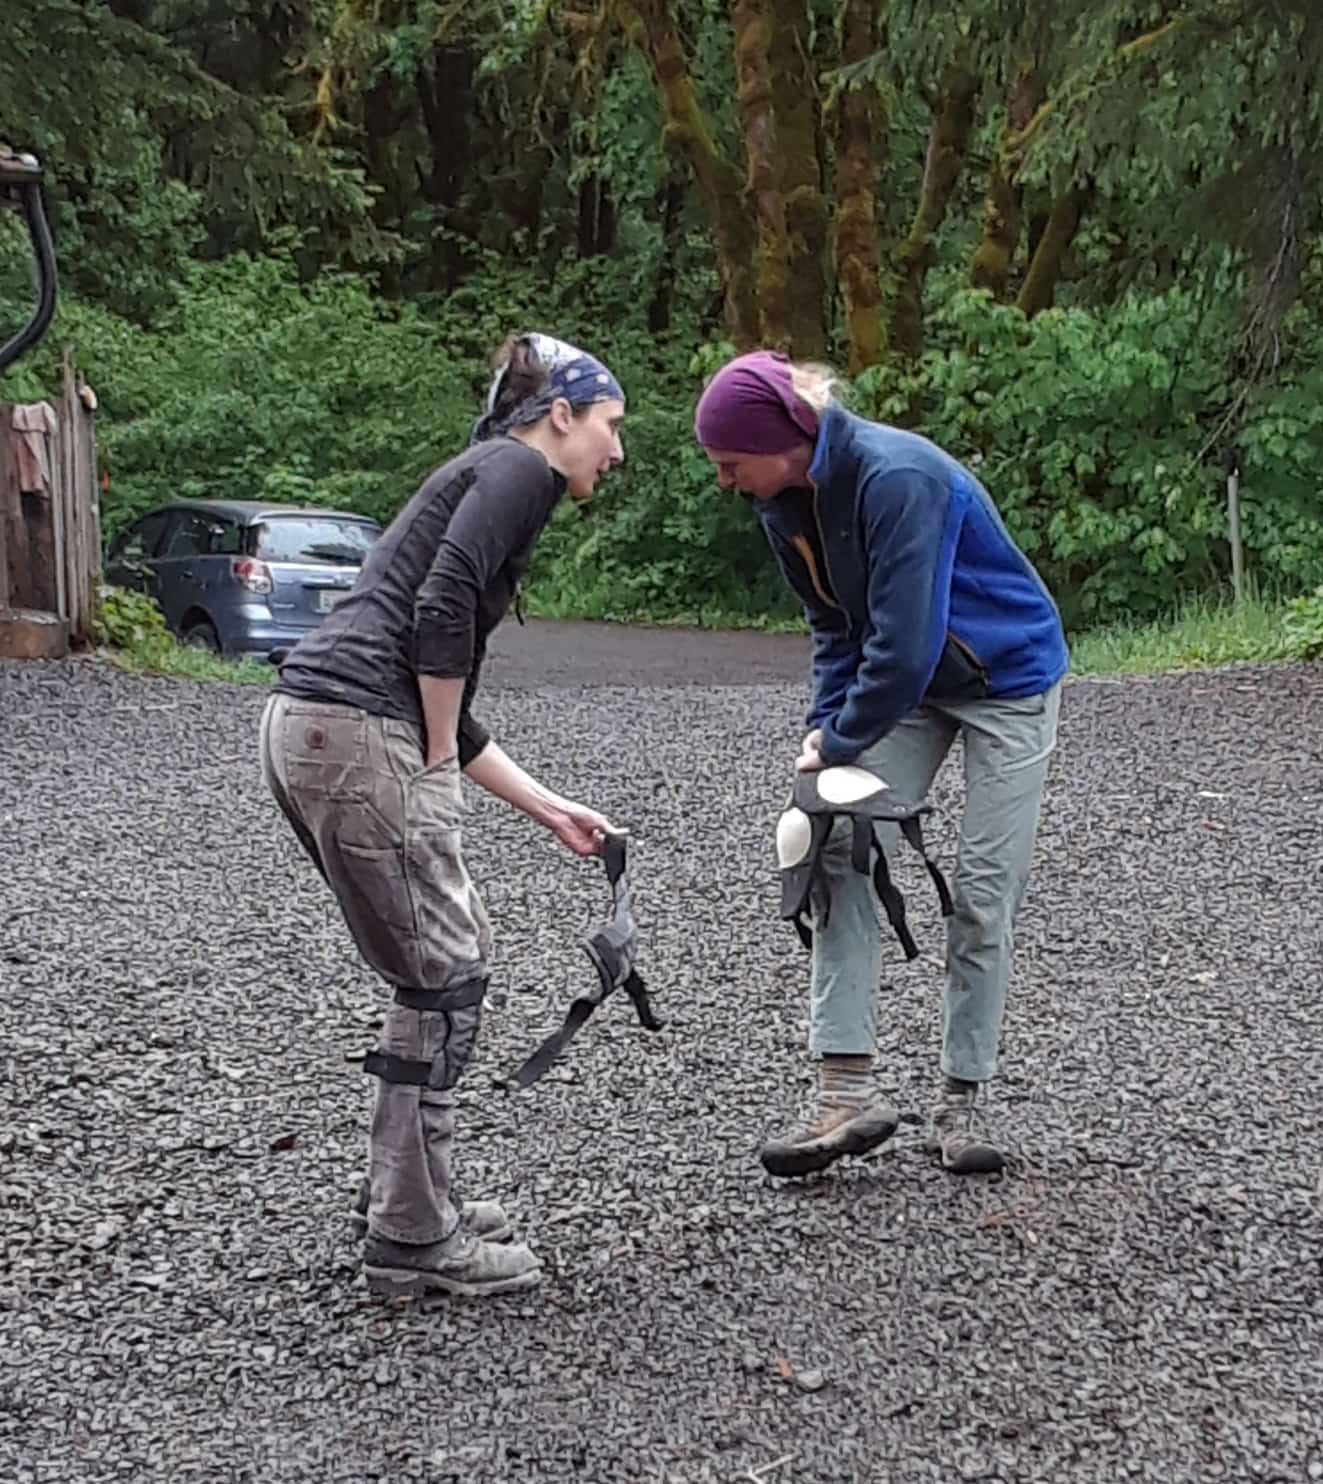 firing_while_female_east_creek_2019_loading_kneepads.jpg